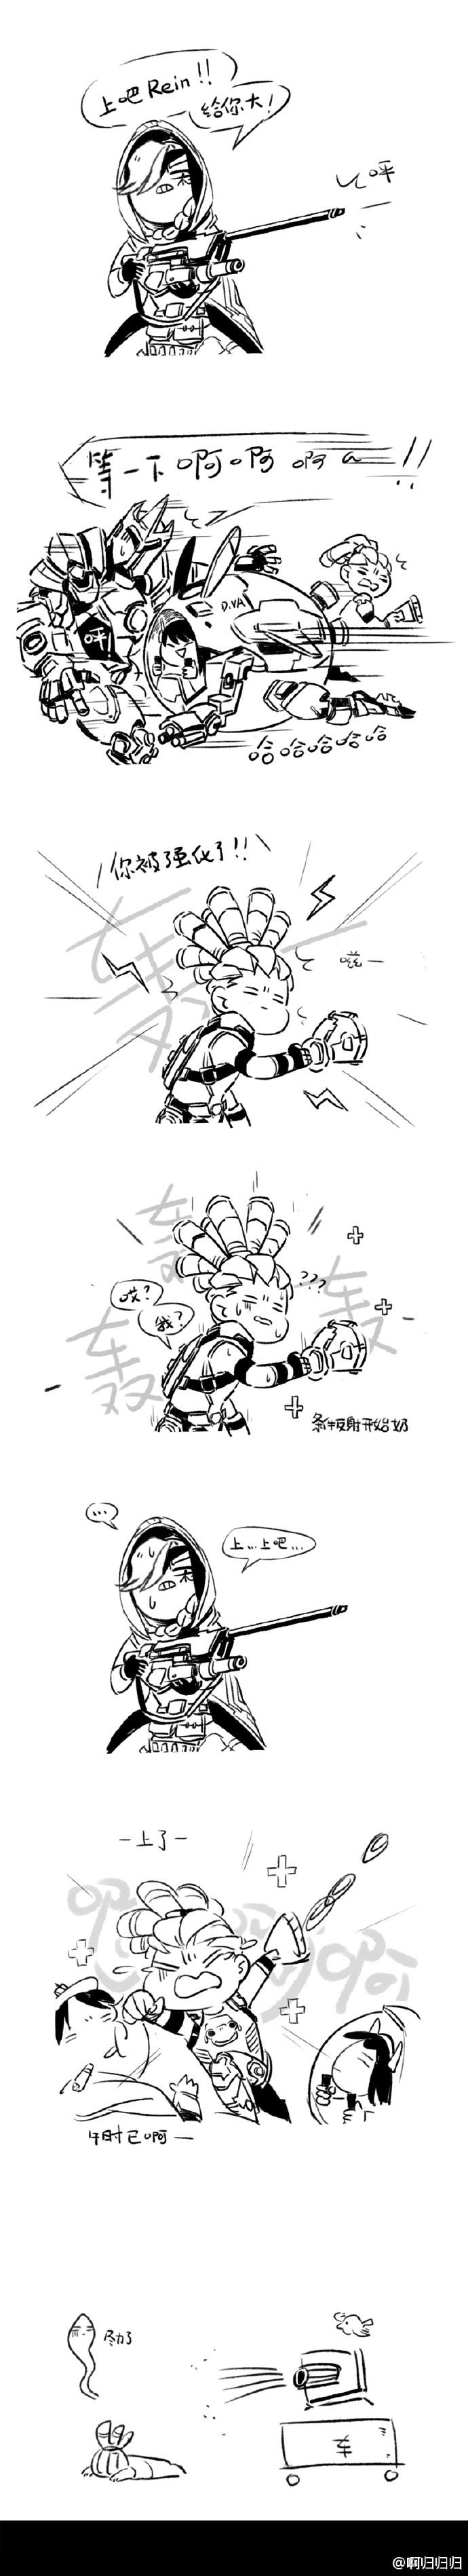 守望先锋搞笑漫画 (12).jpg